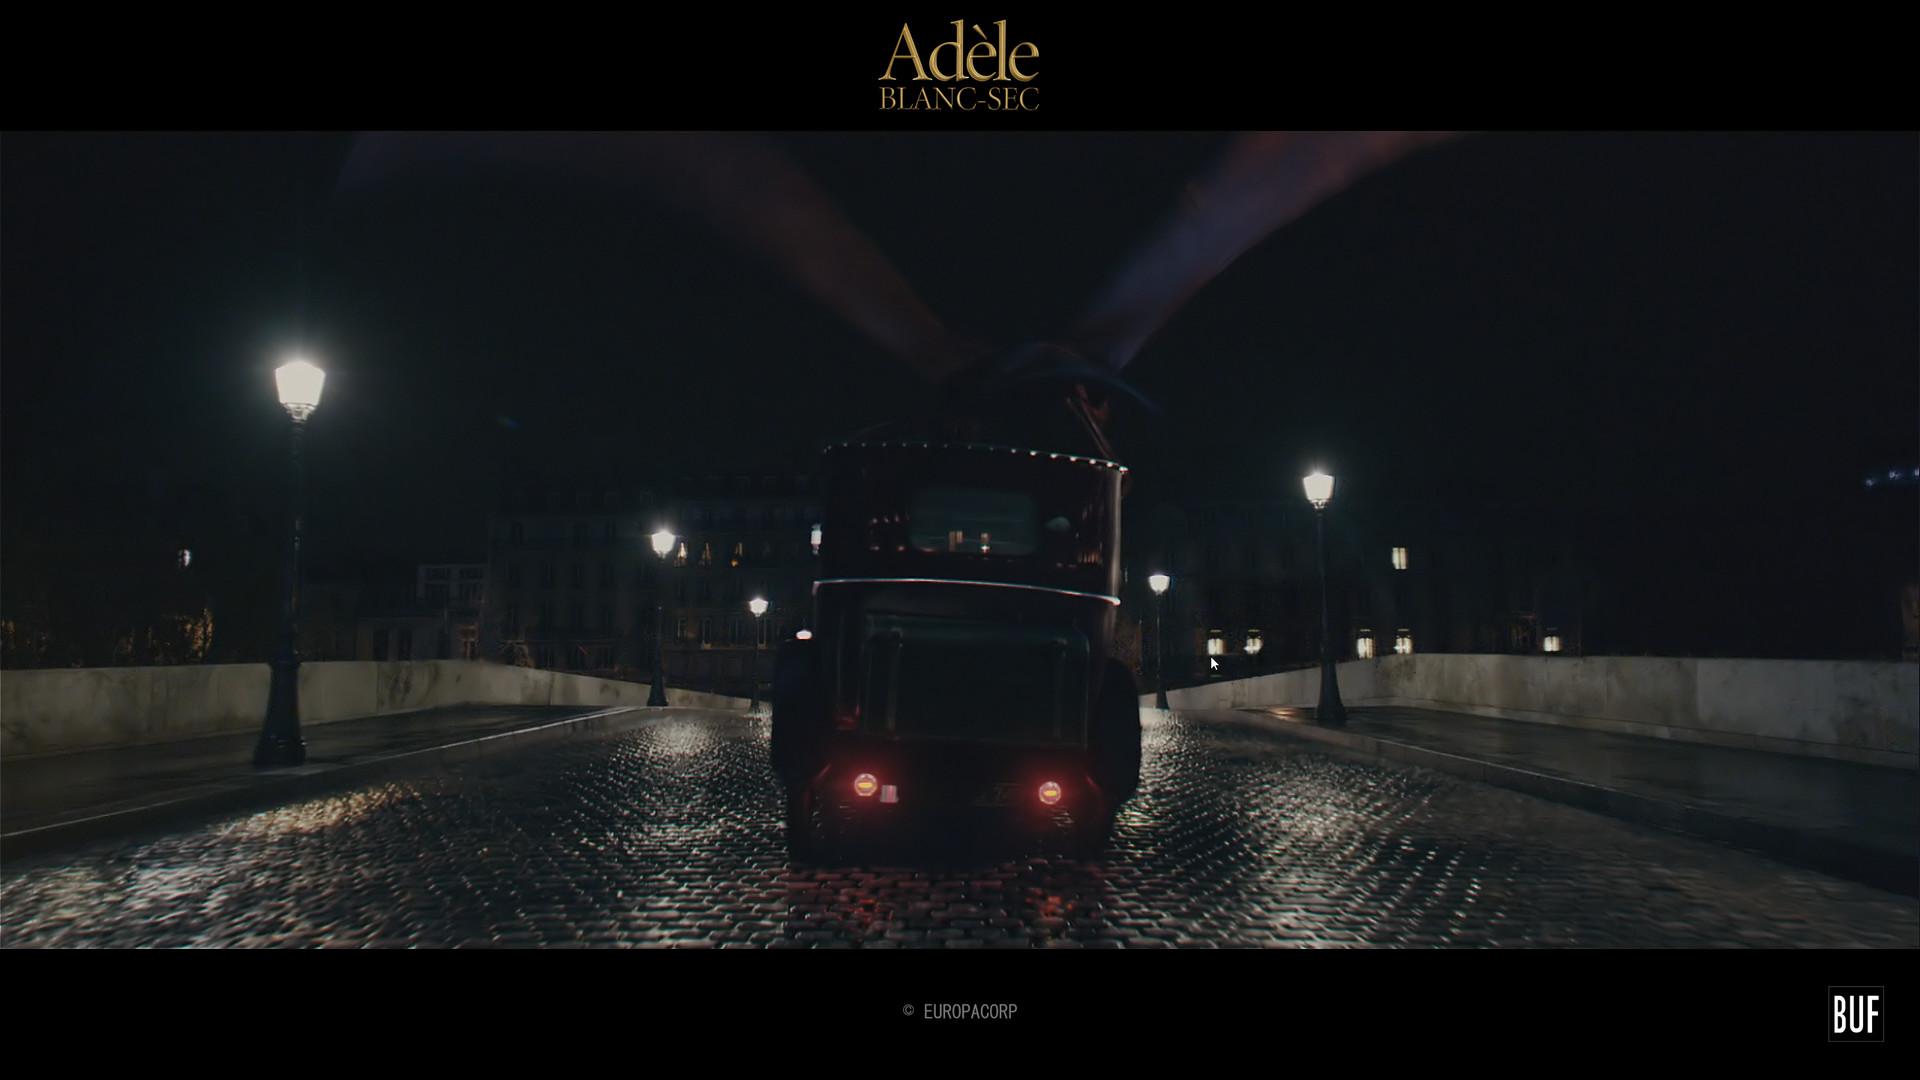 Nicolas boulaire seq dino bridge attack 004